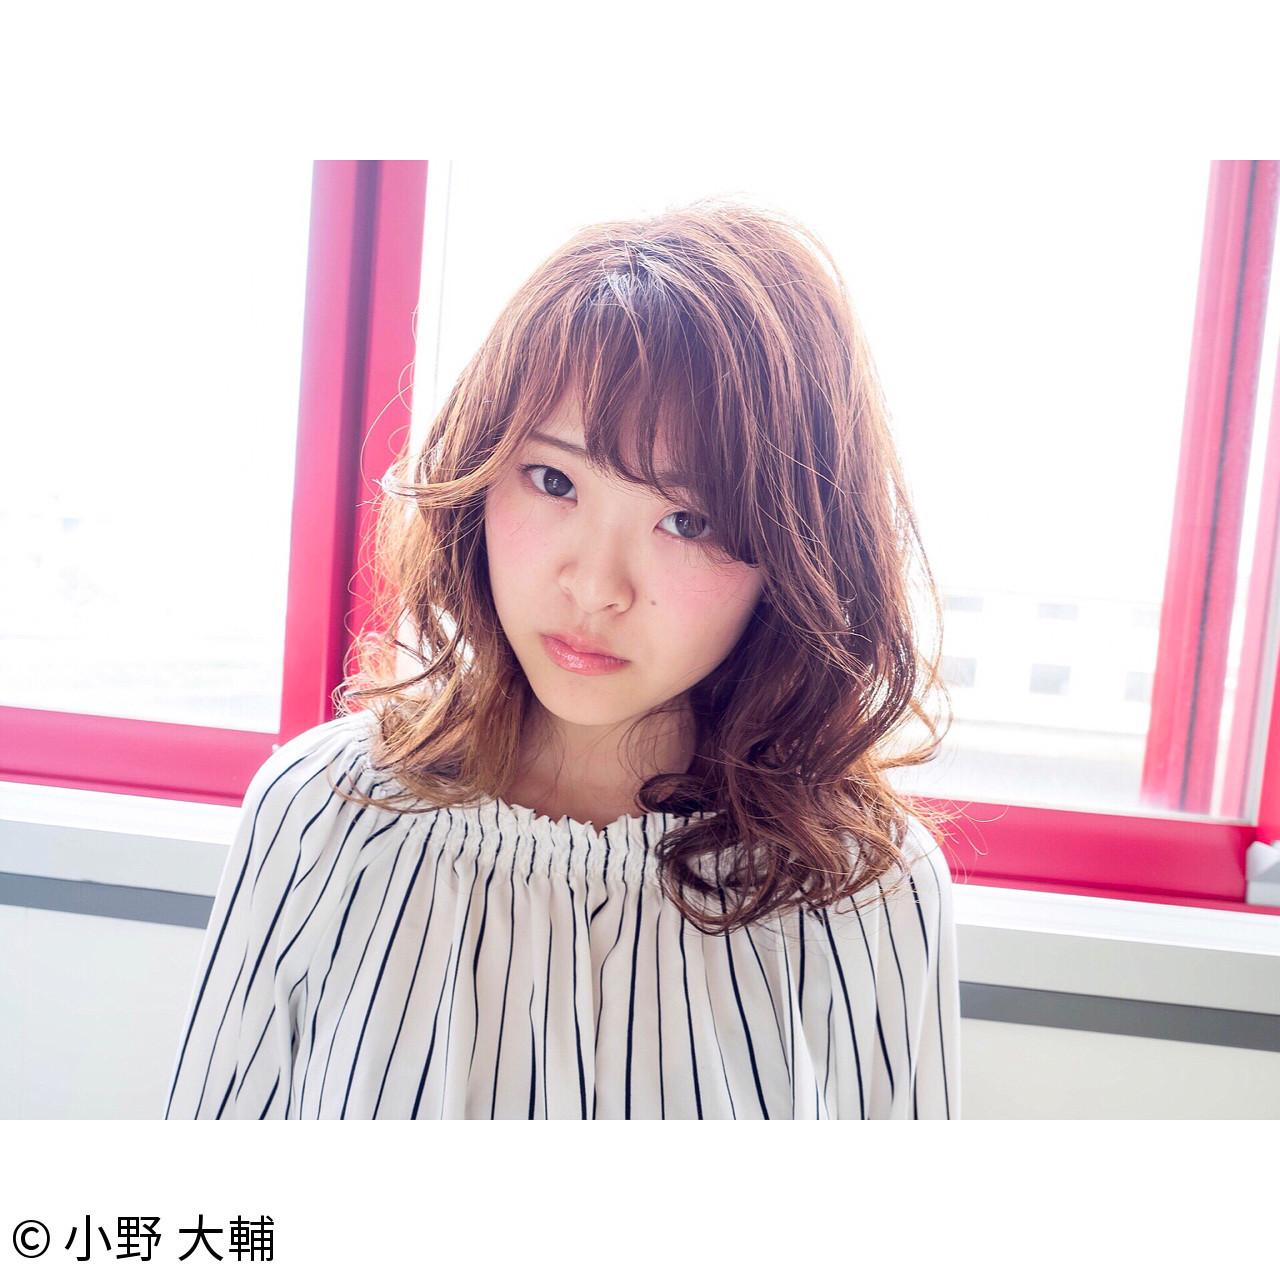 ミディアム おフェロ レイヤーカット 透明感 ヘアスタイルや髪型の写真・画像